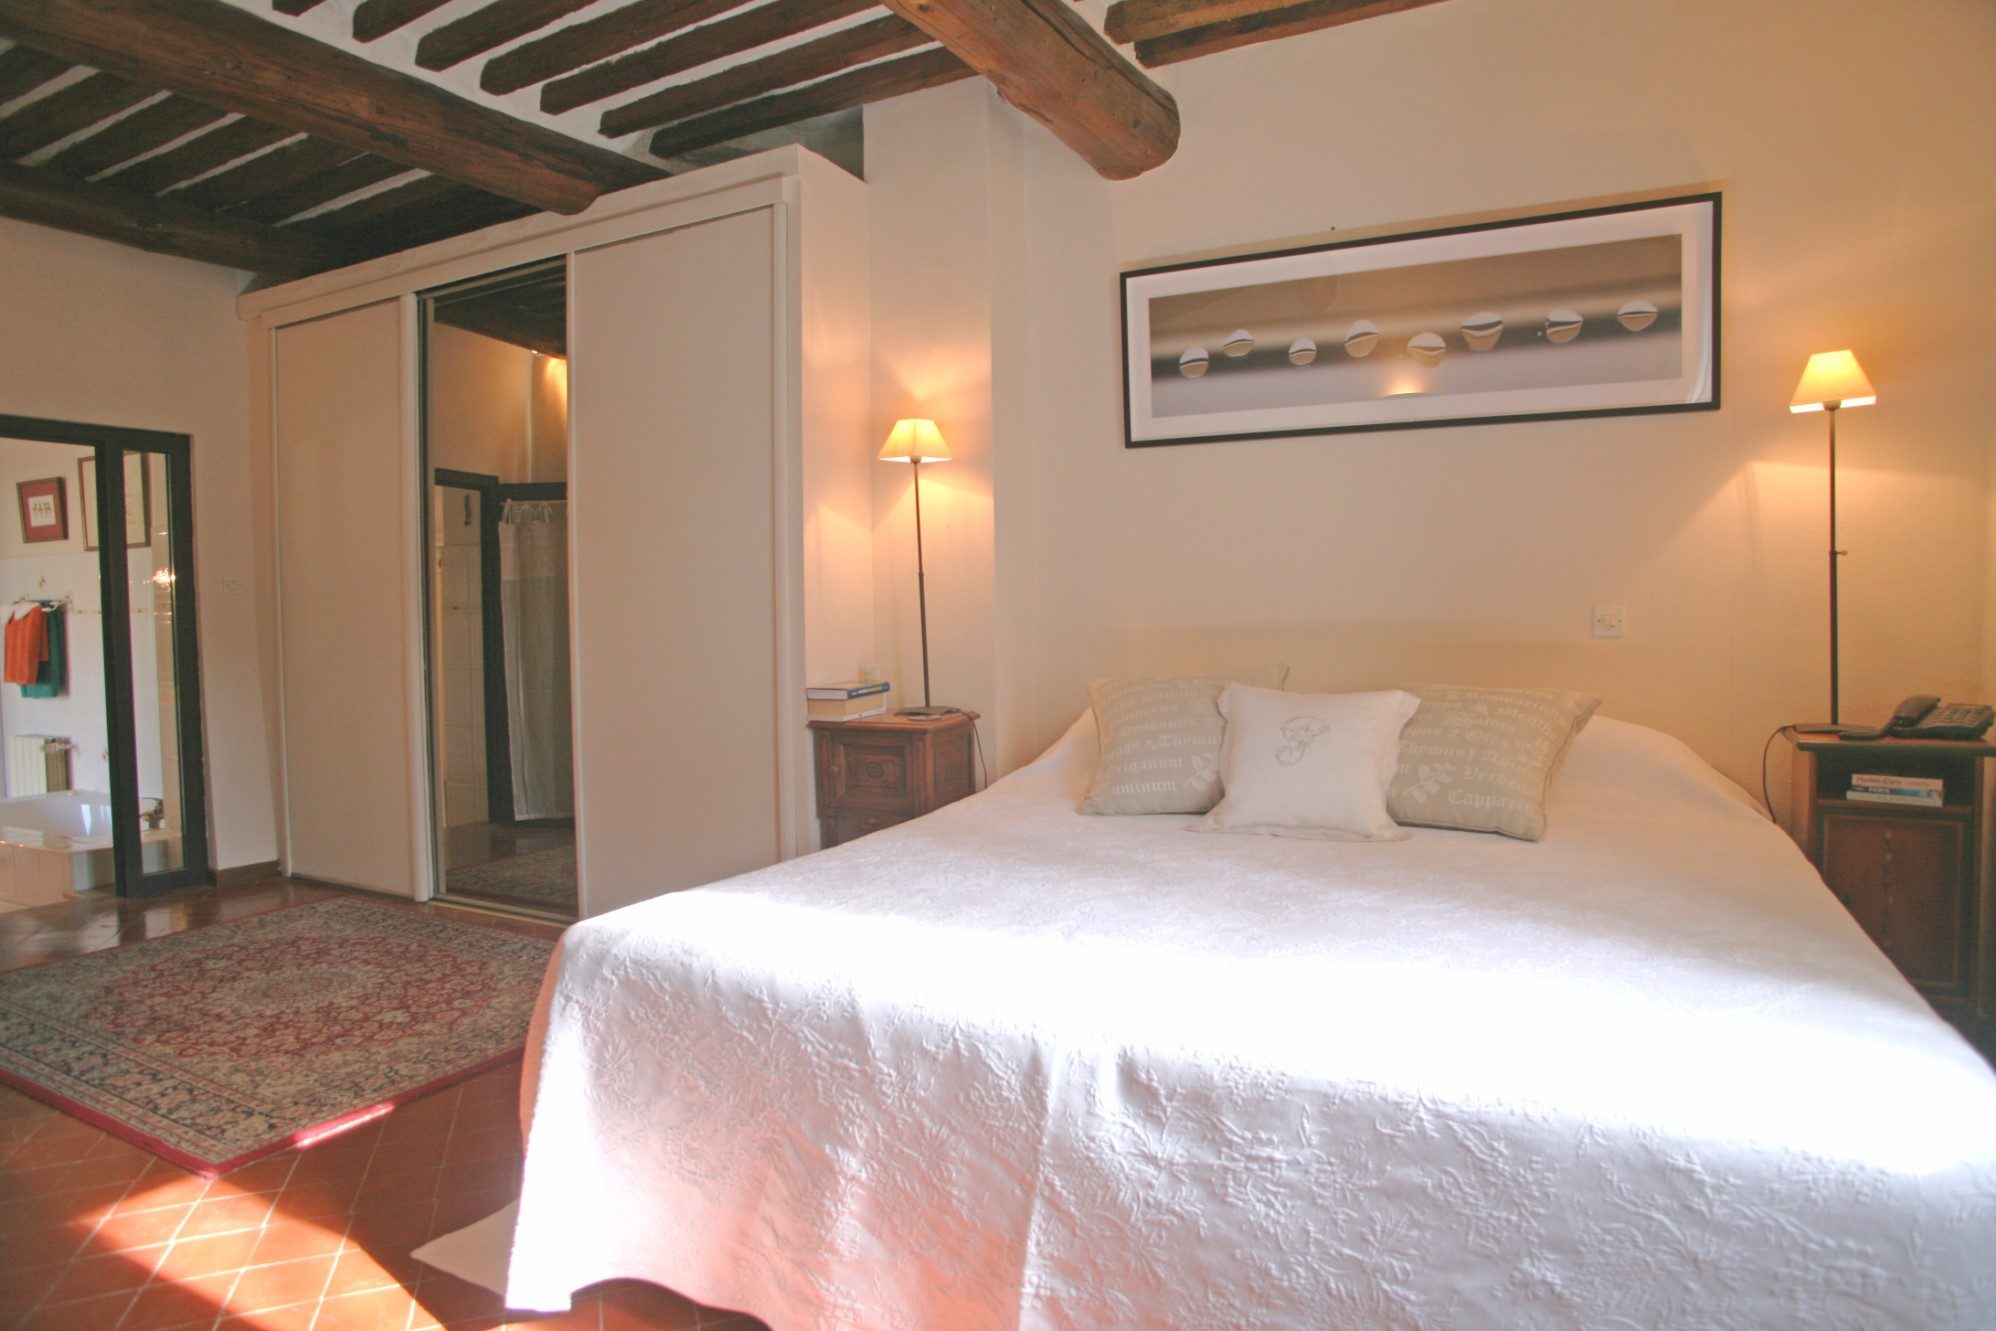 A vendre, Comtat Venaissin, proche Luberon, maison de village avec balcon et terrasse